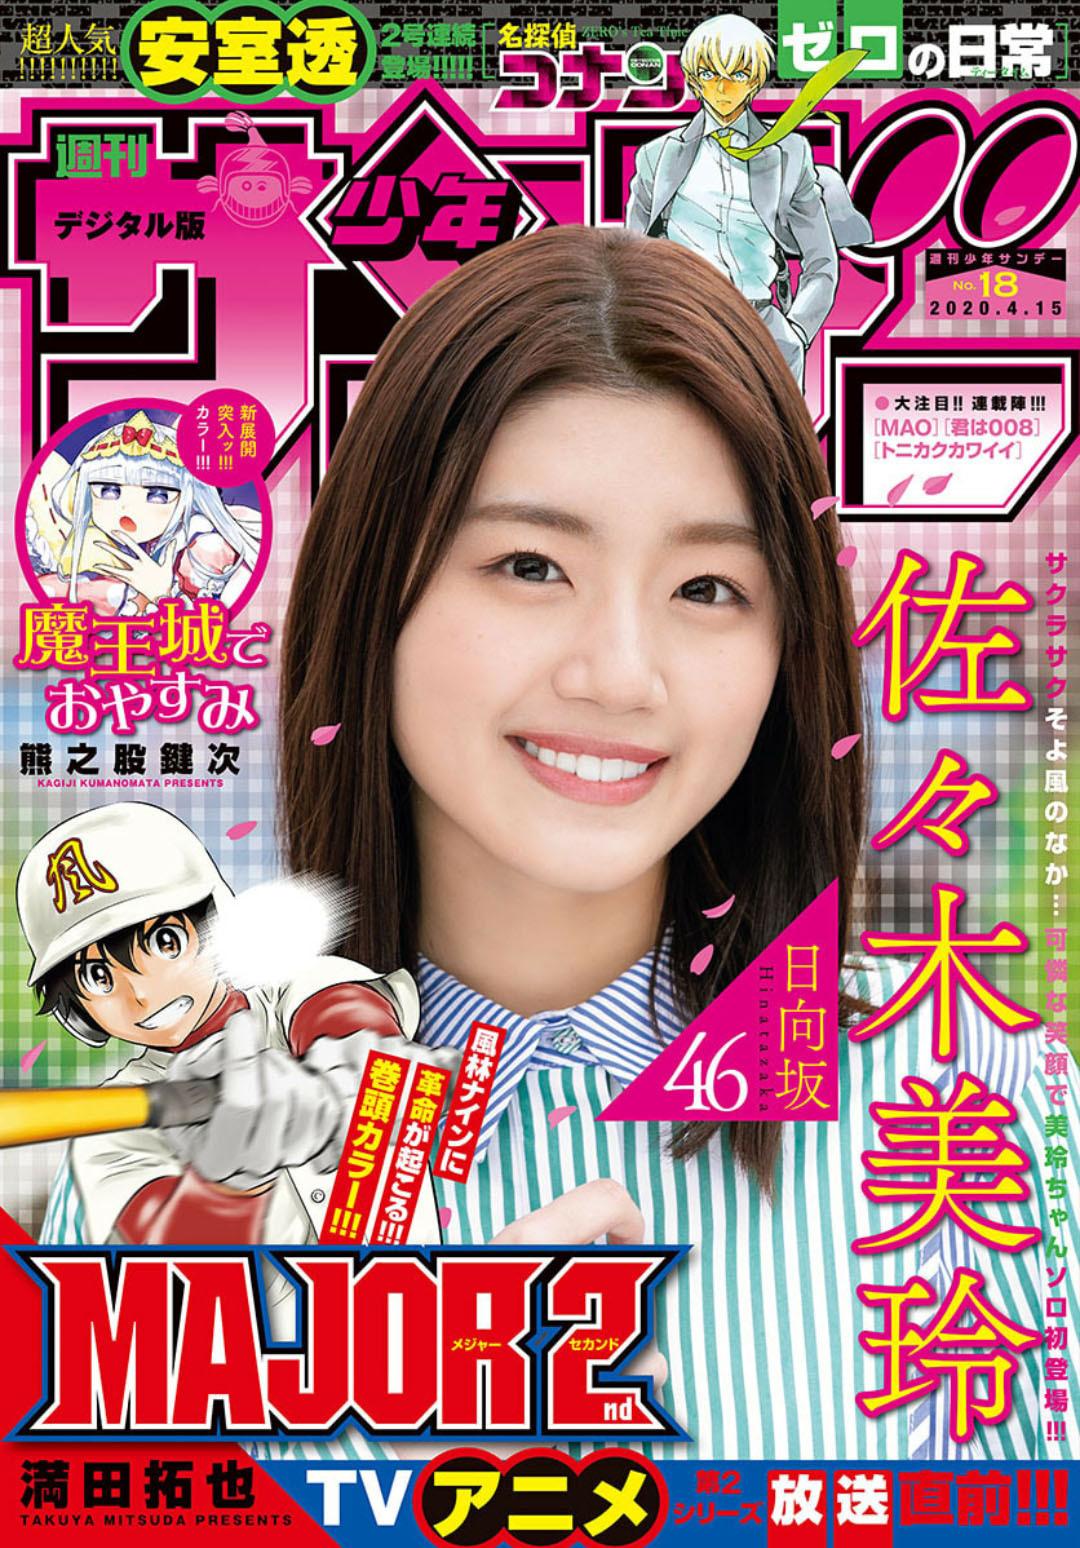 週刊少年サンデー 2020年04月15日号  18号 日向坂46 佐々木美玲